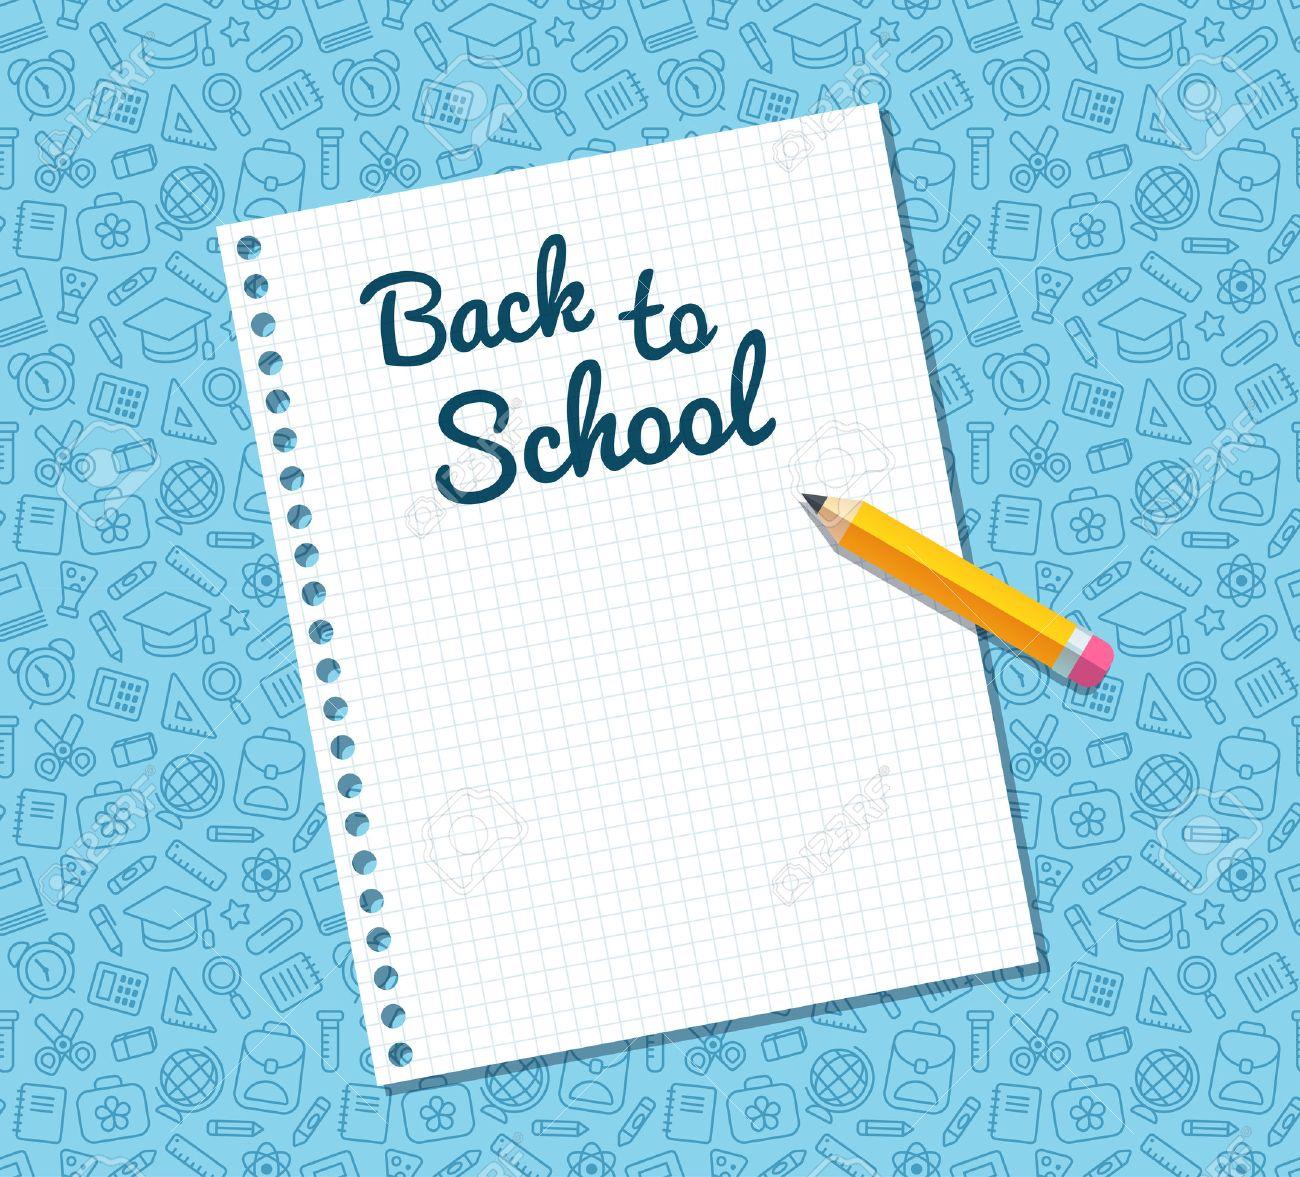 Zurück In Der Schule Text Auf Blatt Liniertes Notebook Papier Und ...